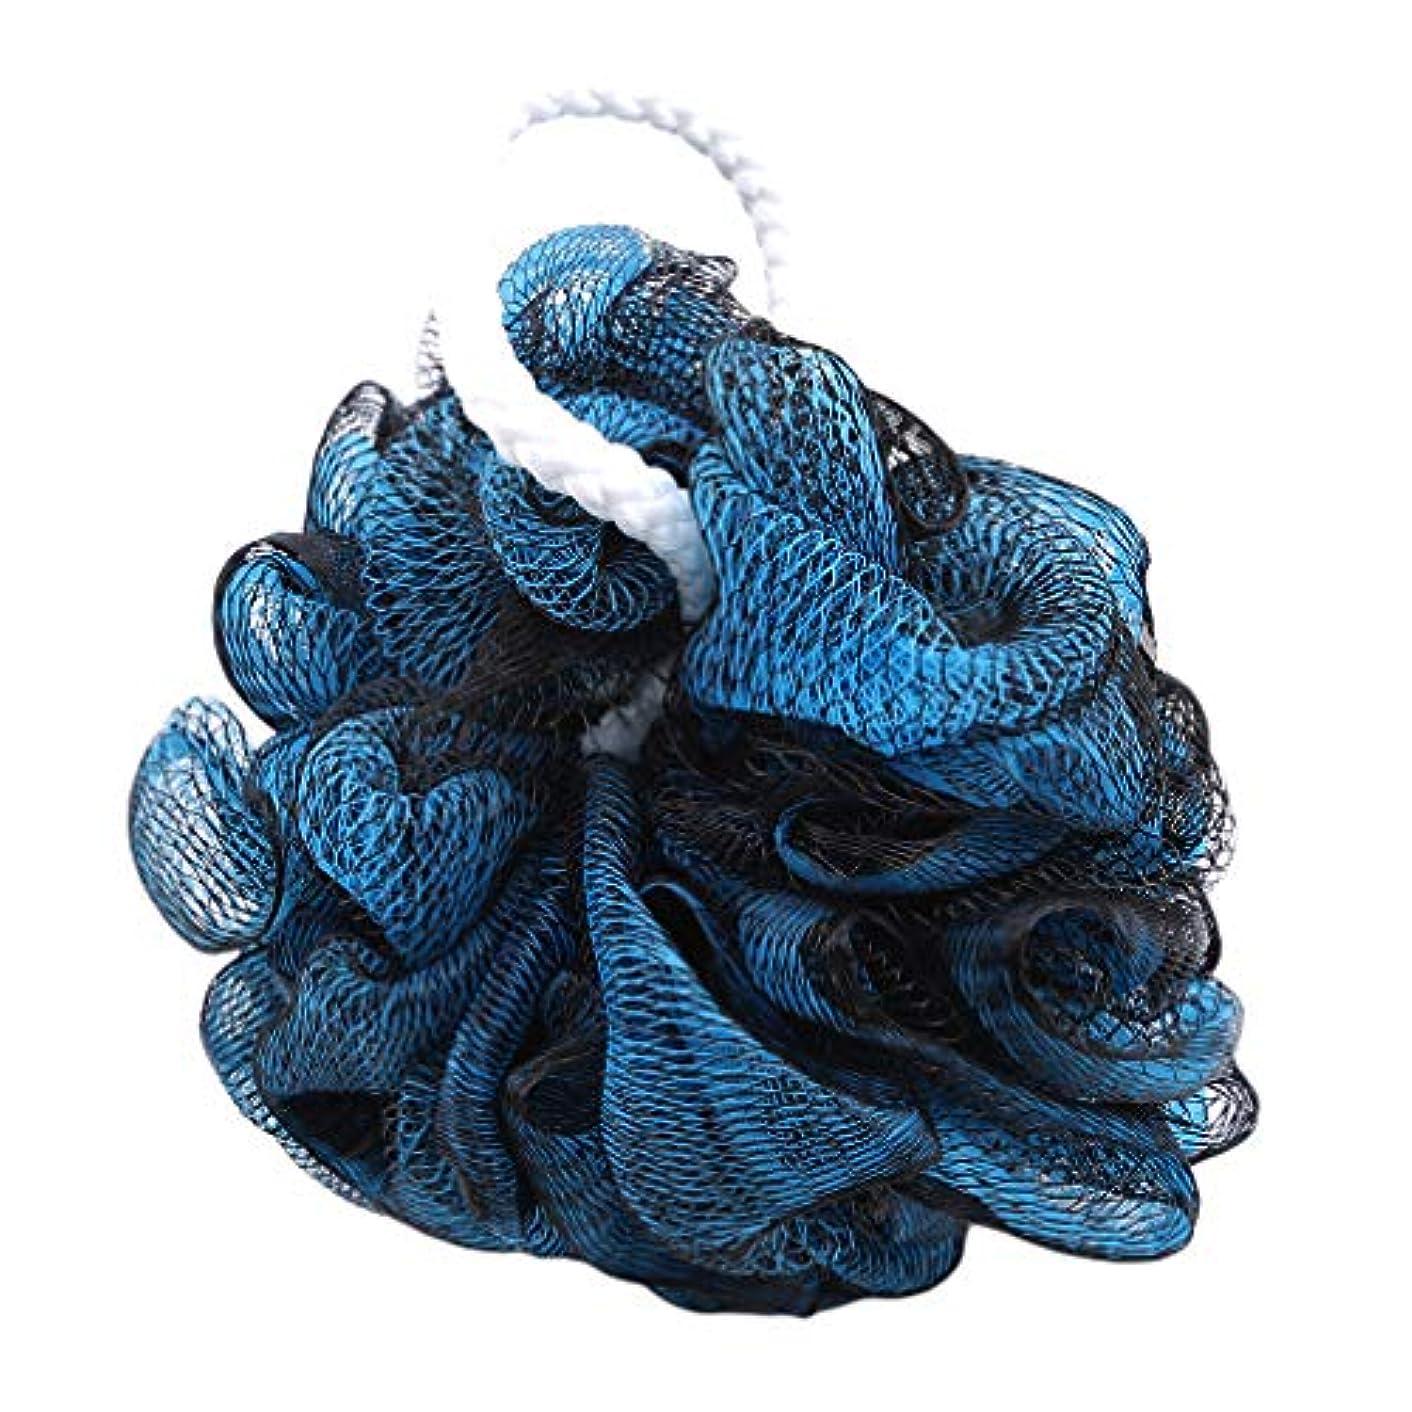 ベンチ九アレルギー性火の色 ボディウォッシュボール ボディ用お風呂ボール 花形 泡立てネット 超柔軟 ベージュ ふわわん シャワー用 上品 黒藍